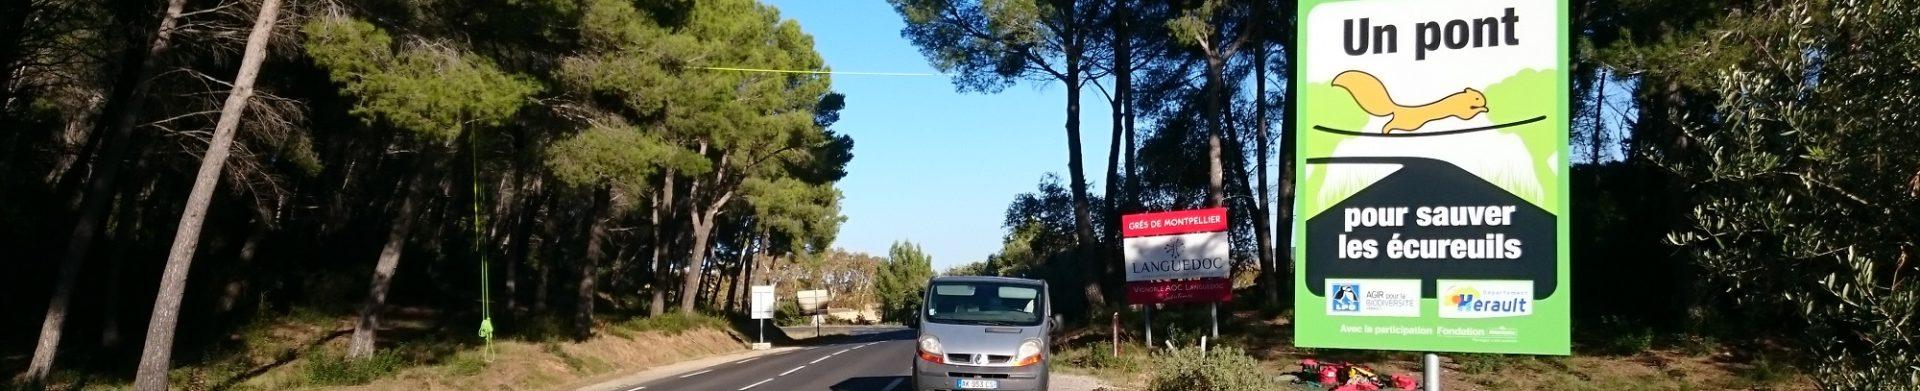 Les écuroducs de l'Hérault